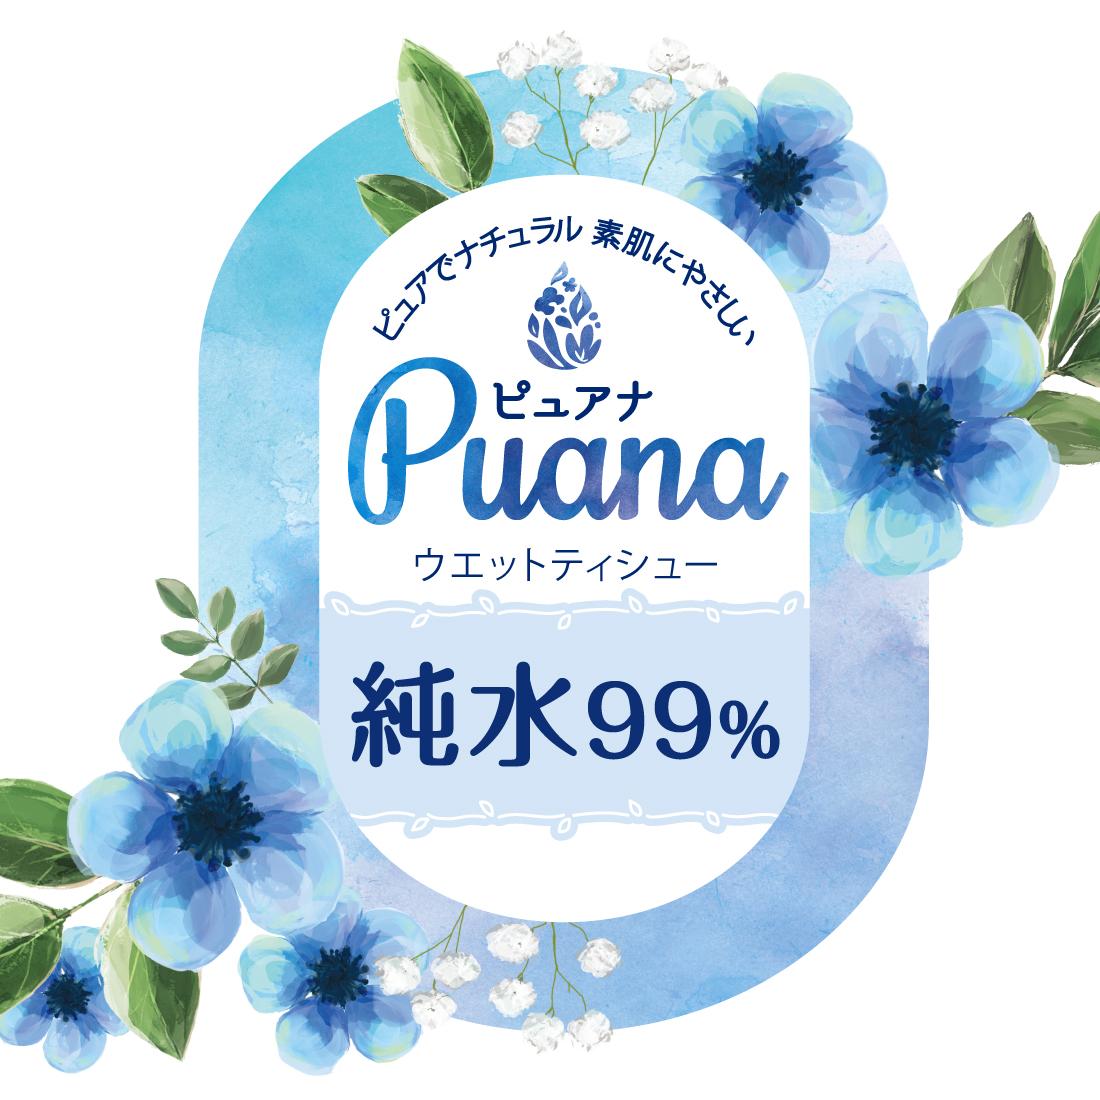 無添加ウエットティシューPuana(ピュアナ)純水99%